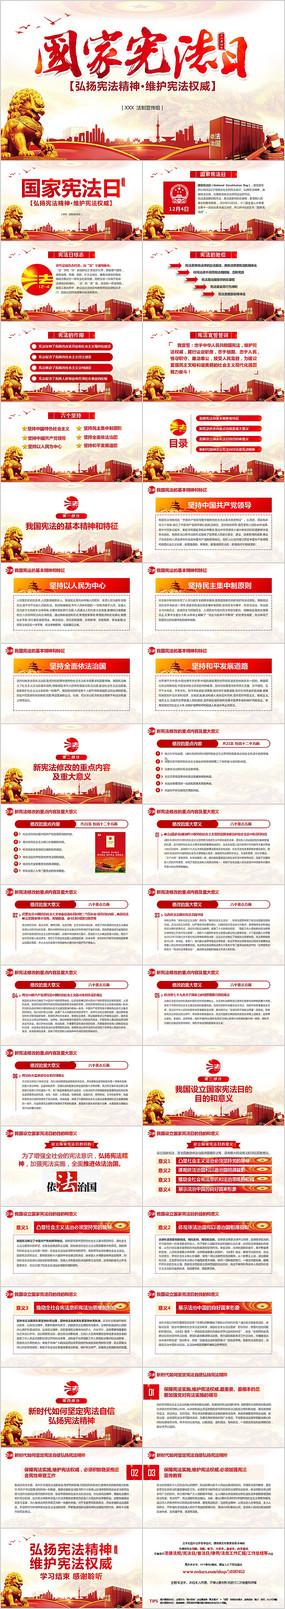 国家宪法日普法日PPT模板